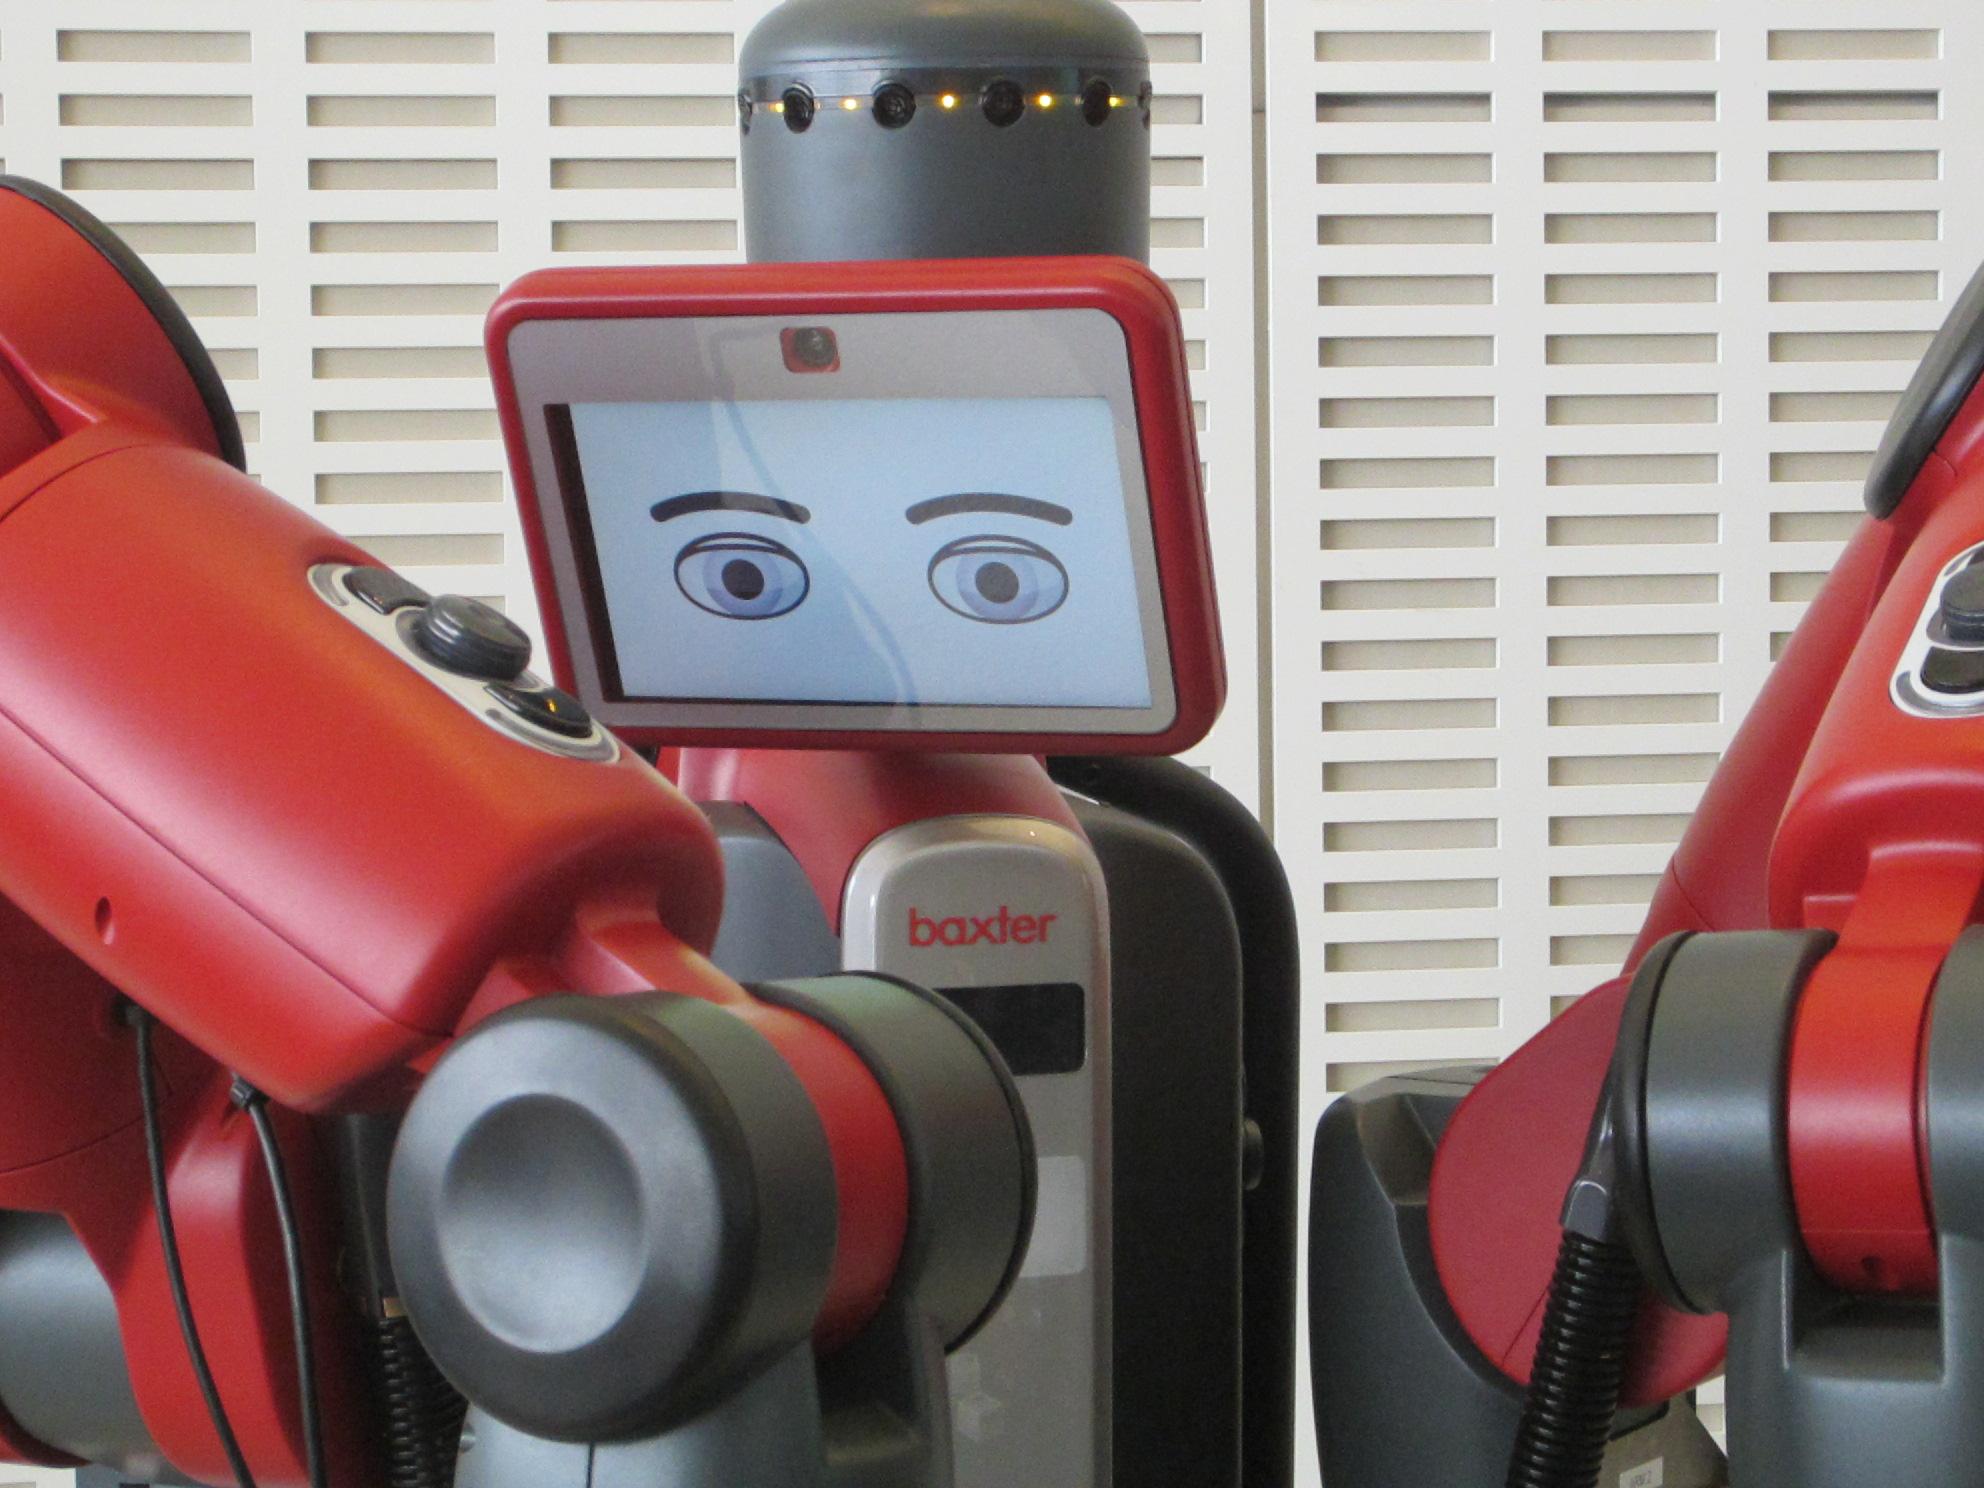 Rethink Robotics' Baxter